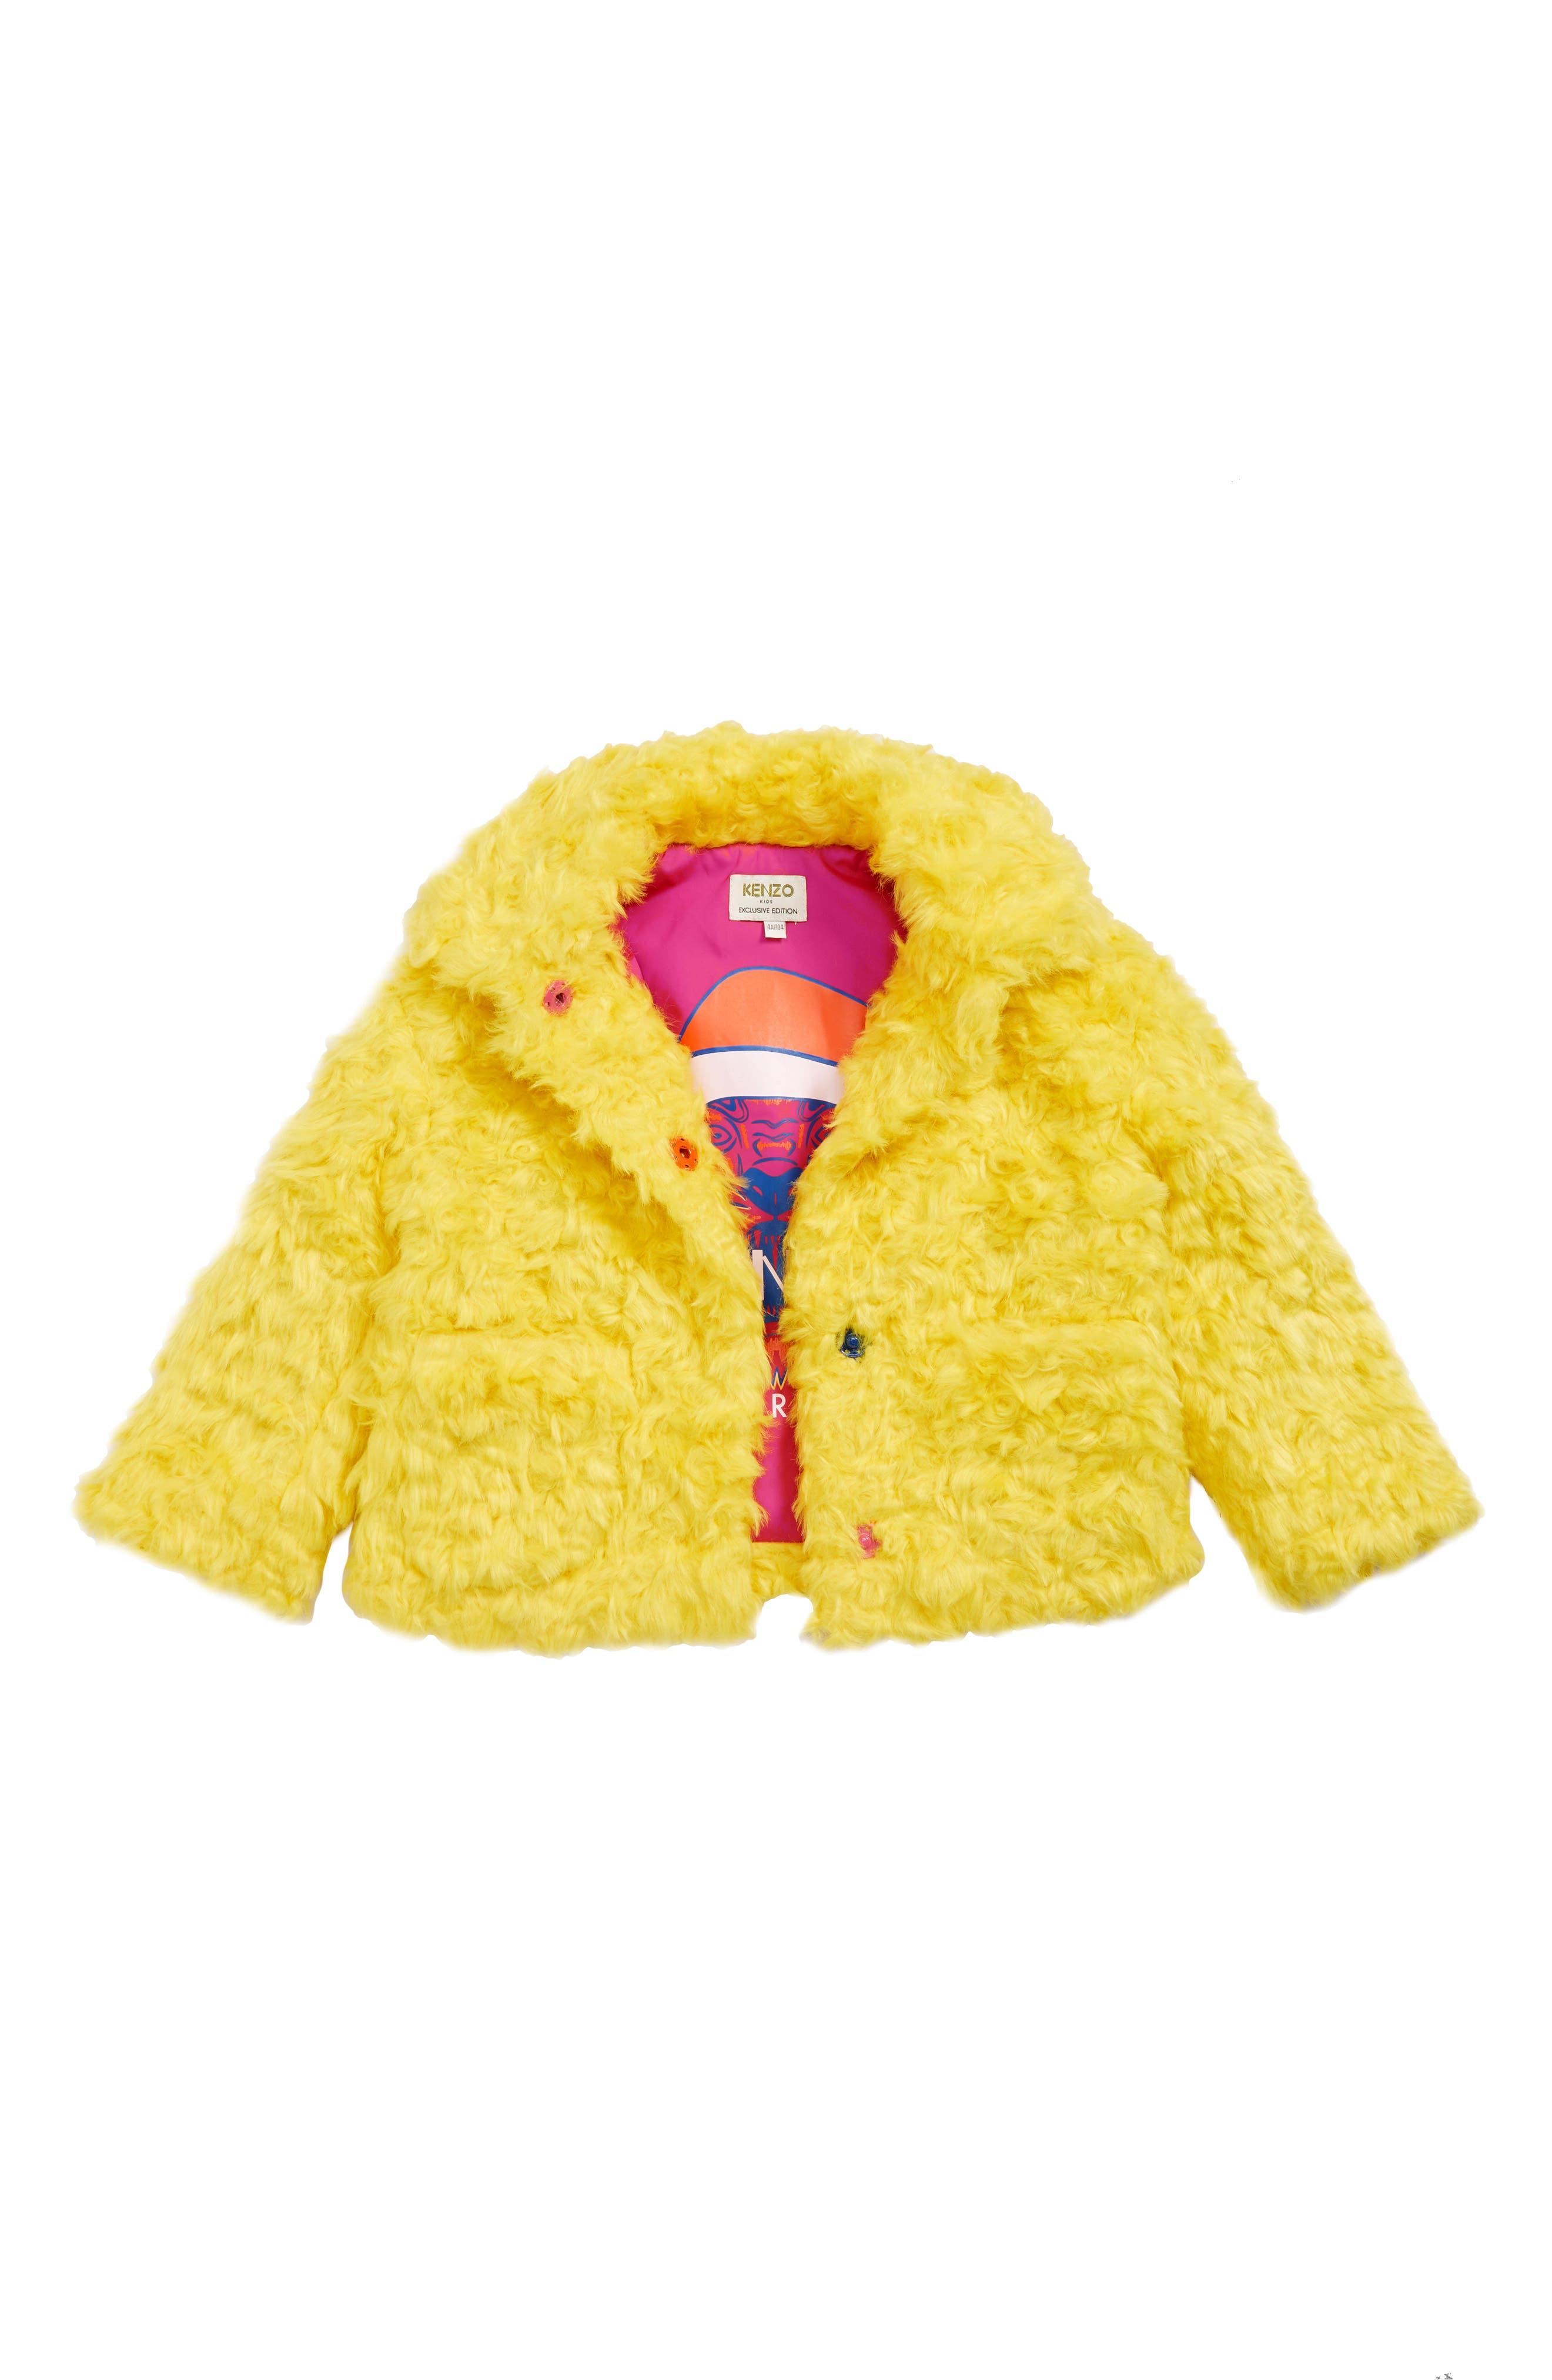 KENZO, Party Faux Fur Coat, Main thumbnail 1, color, CHROME